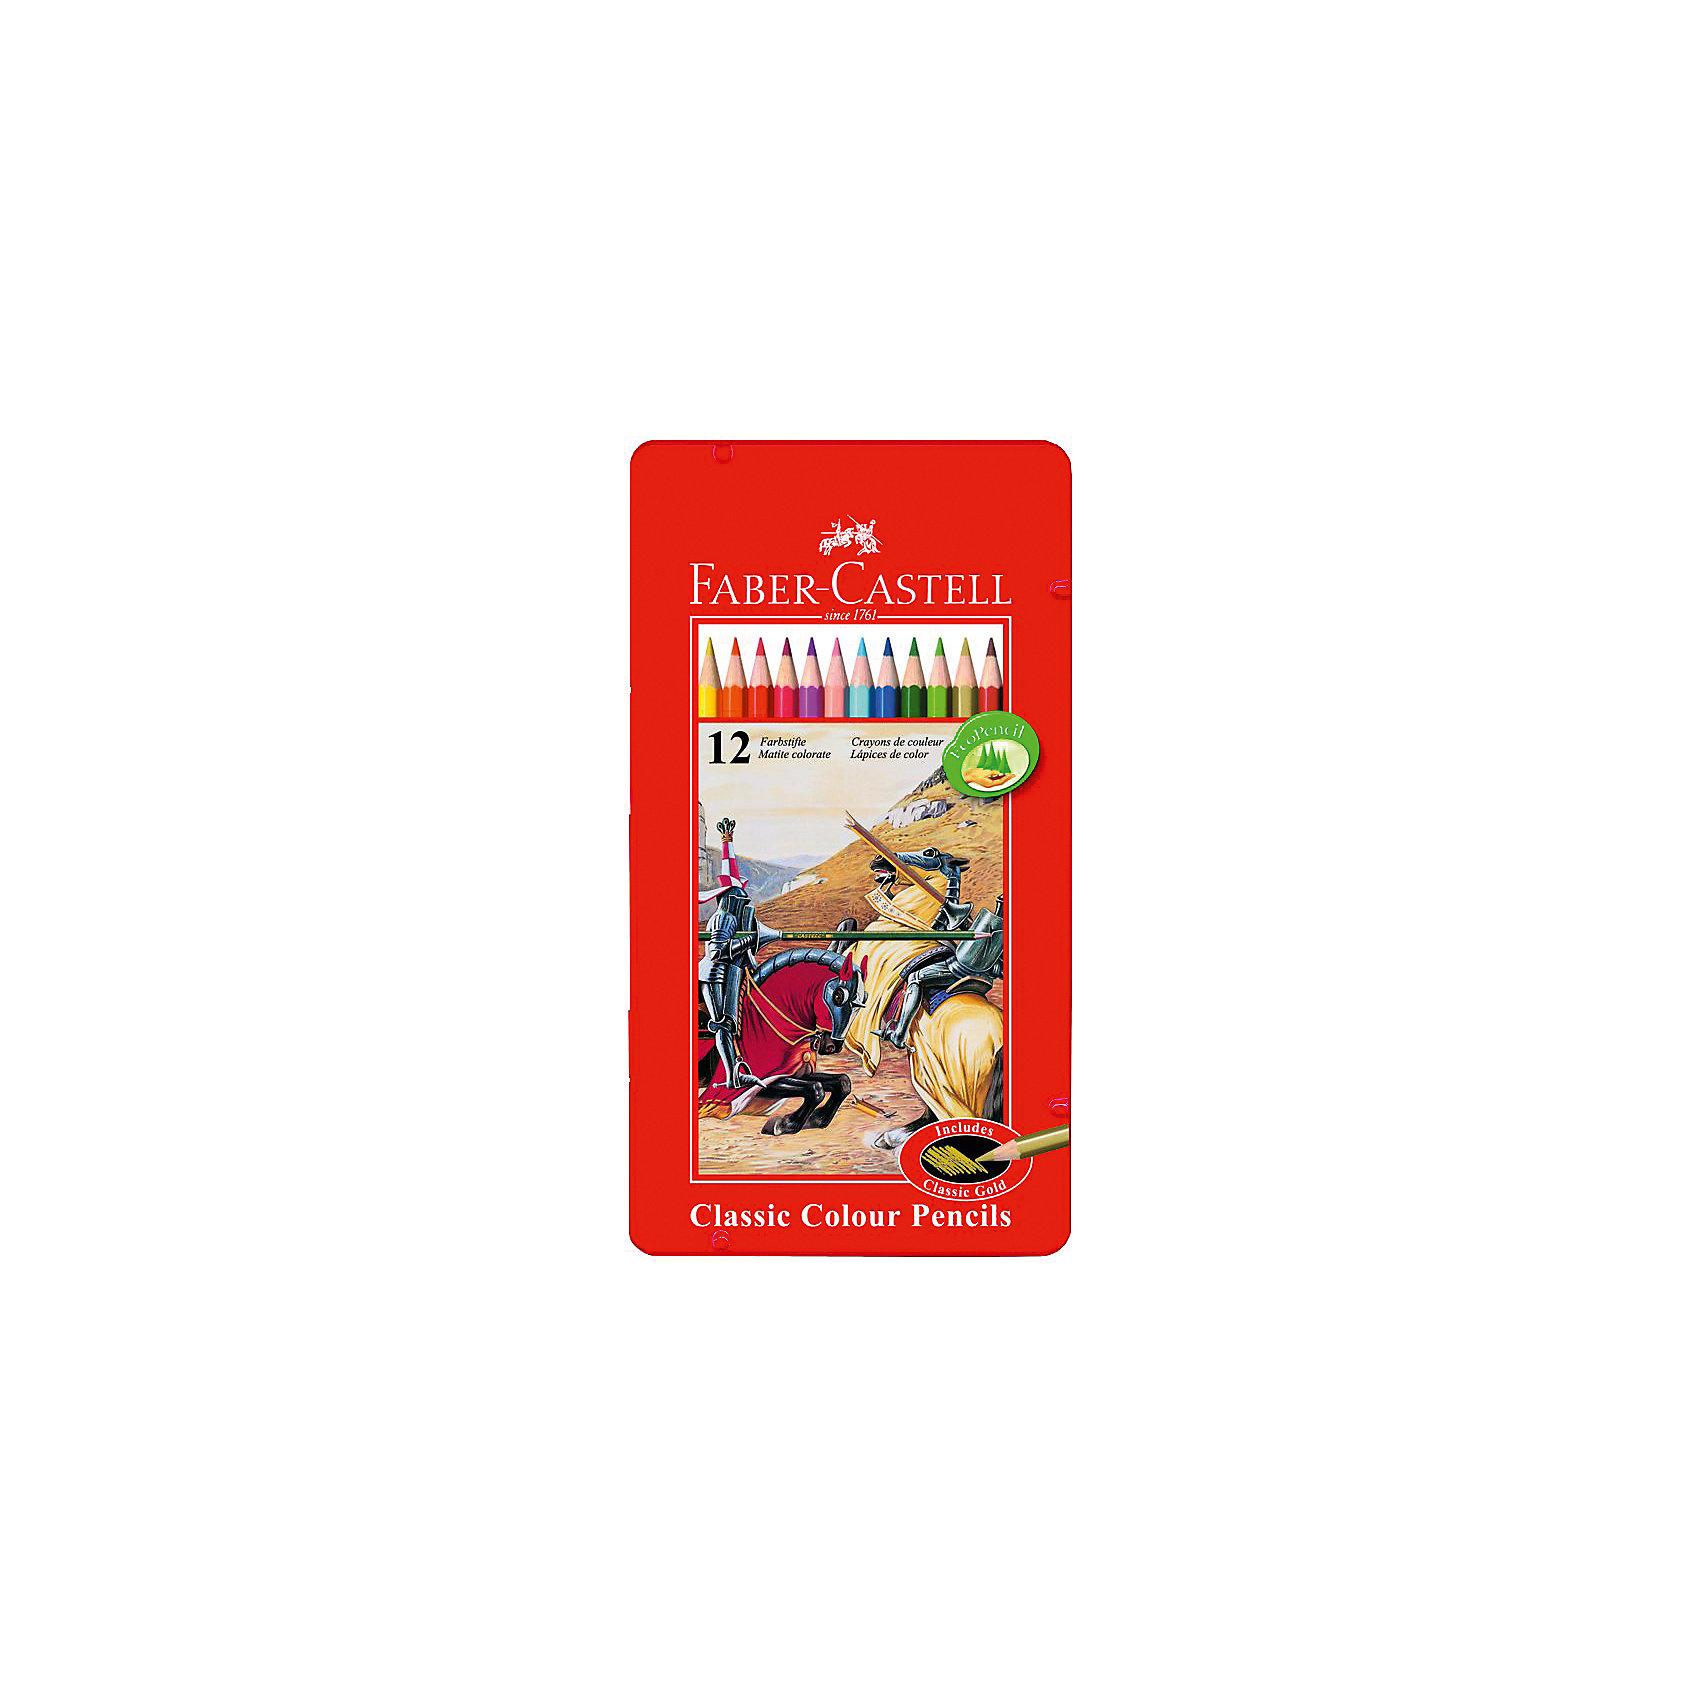 Faber-Castell Карандаши цветные Рыцарь в металлической коробке, 12 цветовПисьменные принадлежности<br>Карандаши классической шестигранной формы в комплекте с точилкой. Яркие, насыщенные цвета + золотой. Специальная технология вклеивания грифеля делает его более прочным и снижает ломкость. Карандаши покрыты лаком на водной основе – бережным по отношению к окружающей среде и здоровью детей. Удобная жестяная коробка. Качественная древесина – гарантия легкого затачивания при помощи стандартных точилок. Карандаши отстирываются с большинства тканей.<br><br>Ширина мм: 9999<br>Глубина мм: 9999<br>Высота мм: 9999<br>Вес г: 144<br>Возраст от месяцев: 72<br>Возраст до месяцев: 2147483647<br>Пол: Унисекс<br>Возраст: Детский<br>SKU: 6725471